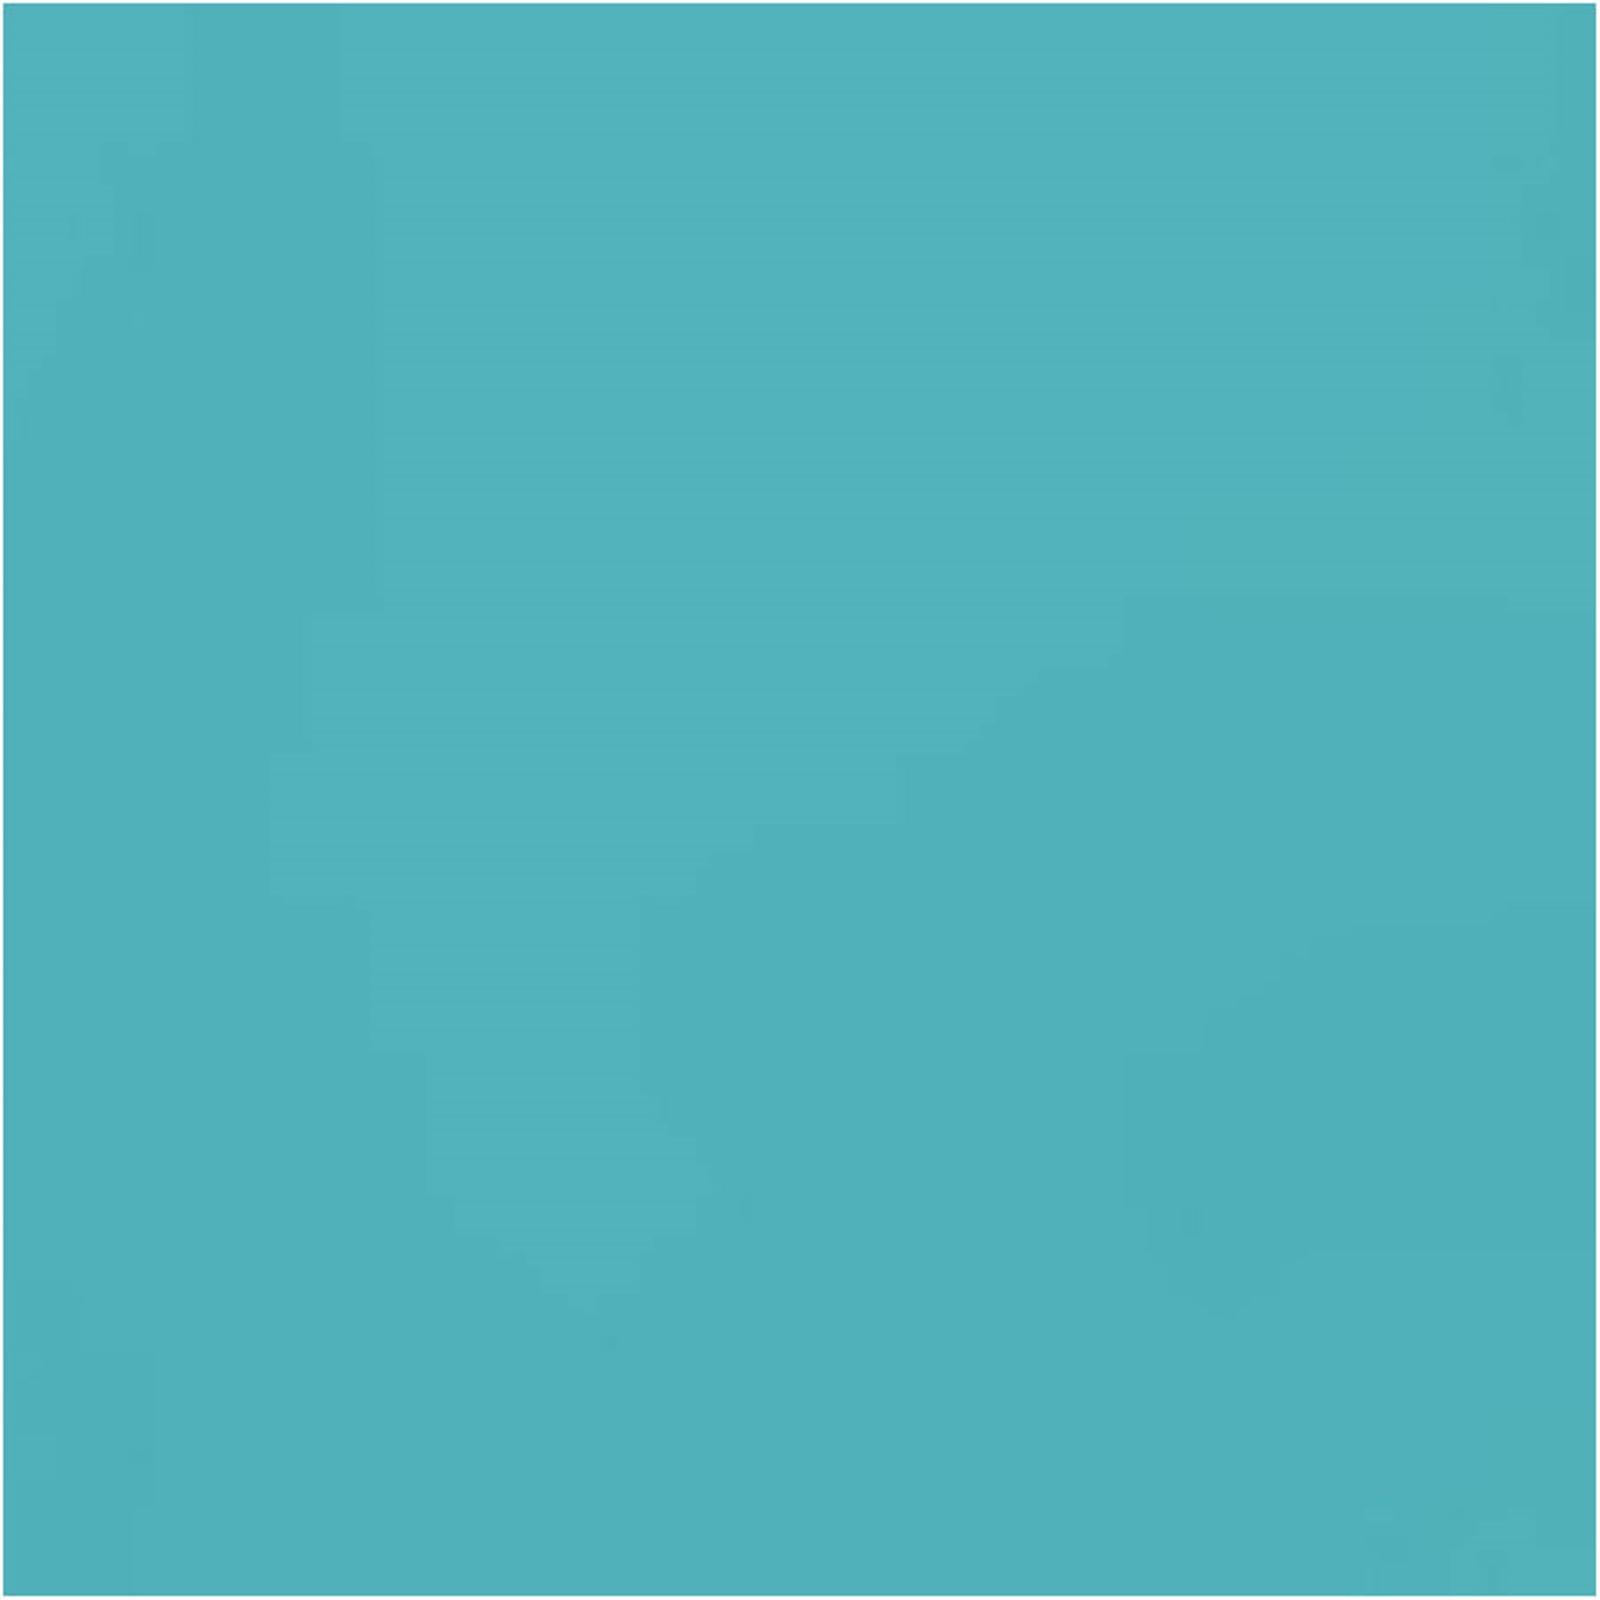 decor soft albastru trucoaz